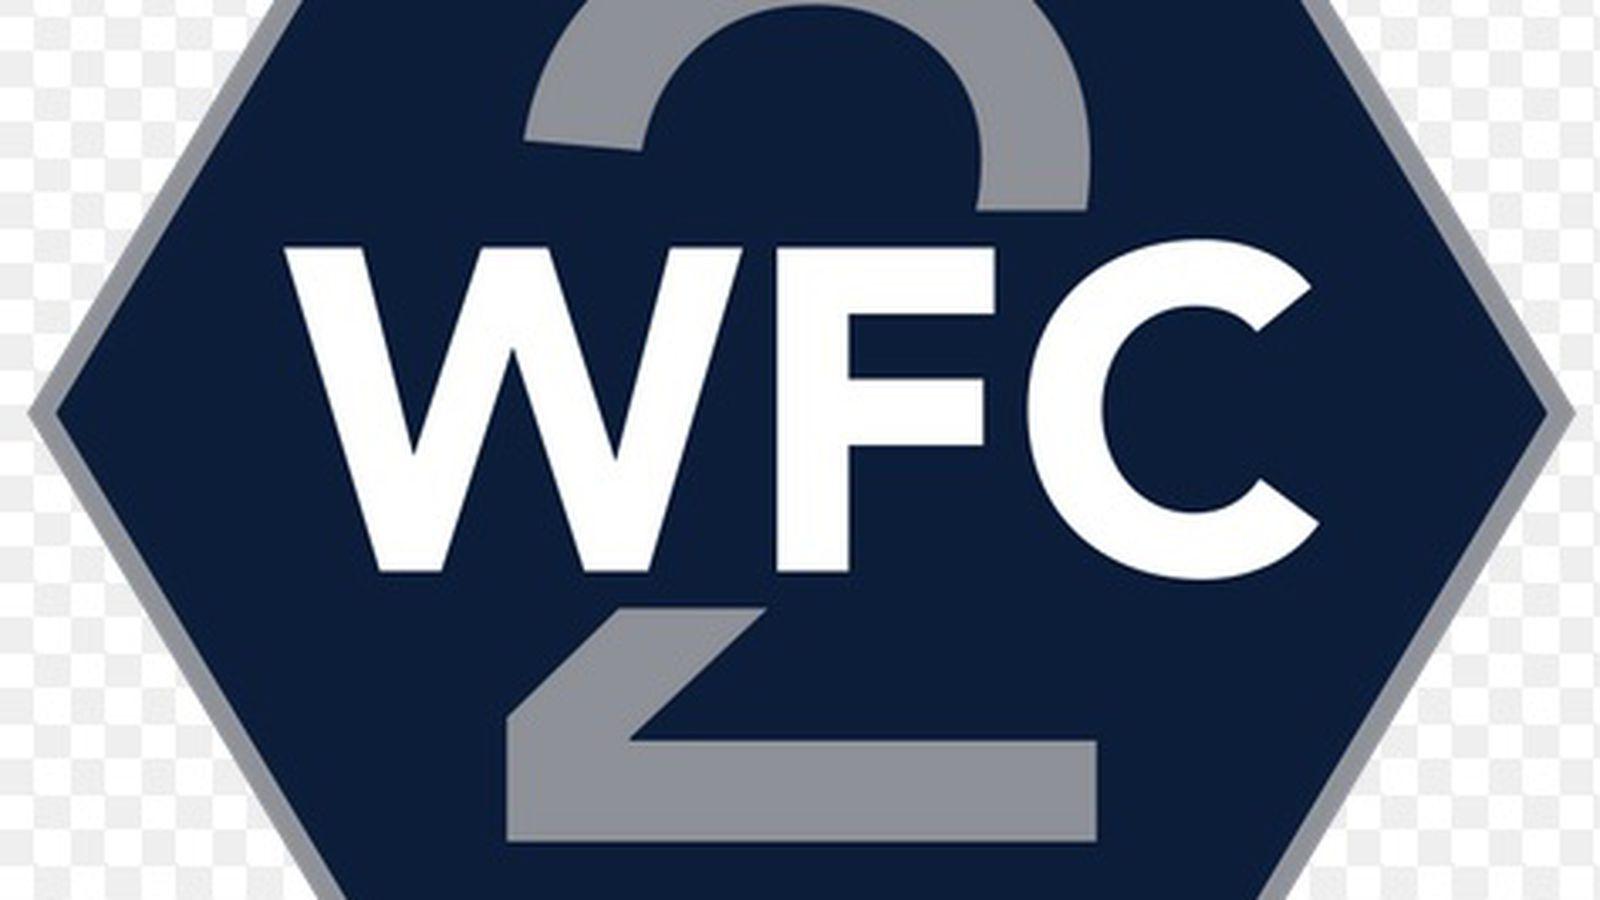 Wfc2.0.0